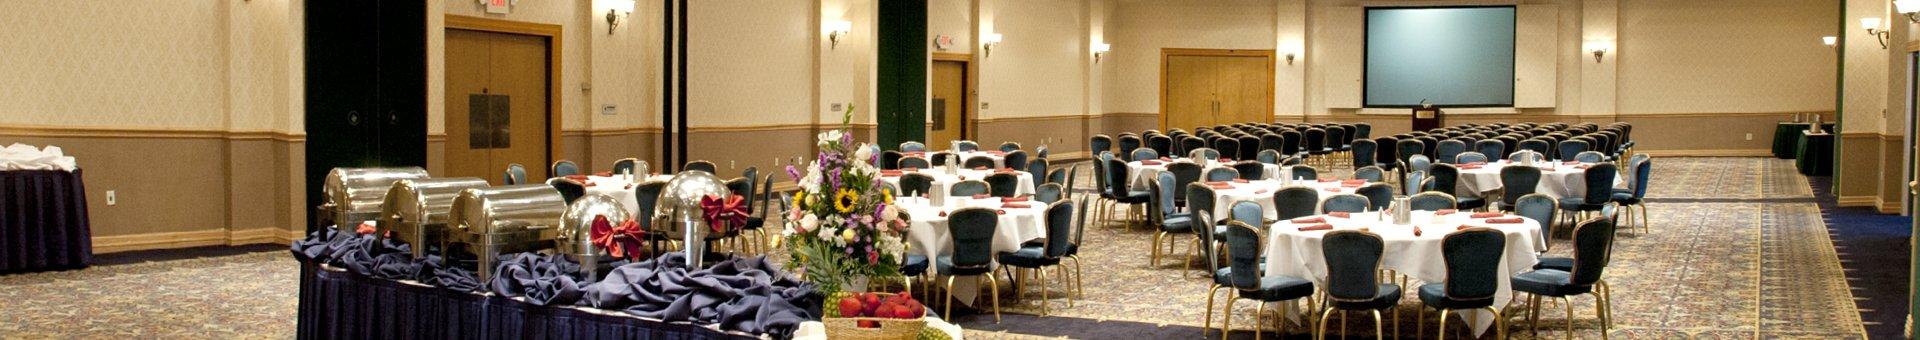 ballroom mission inn resort